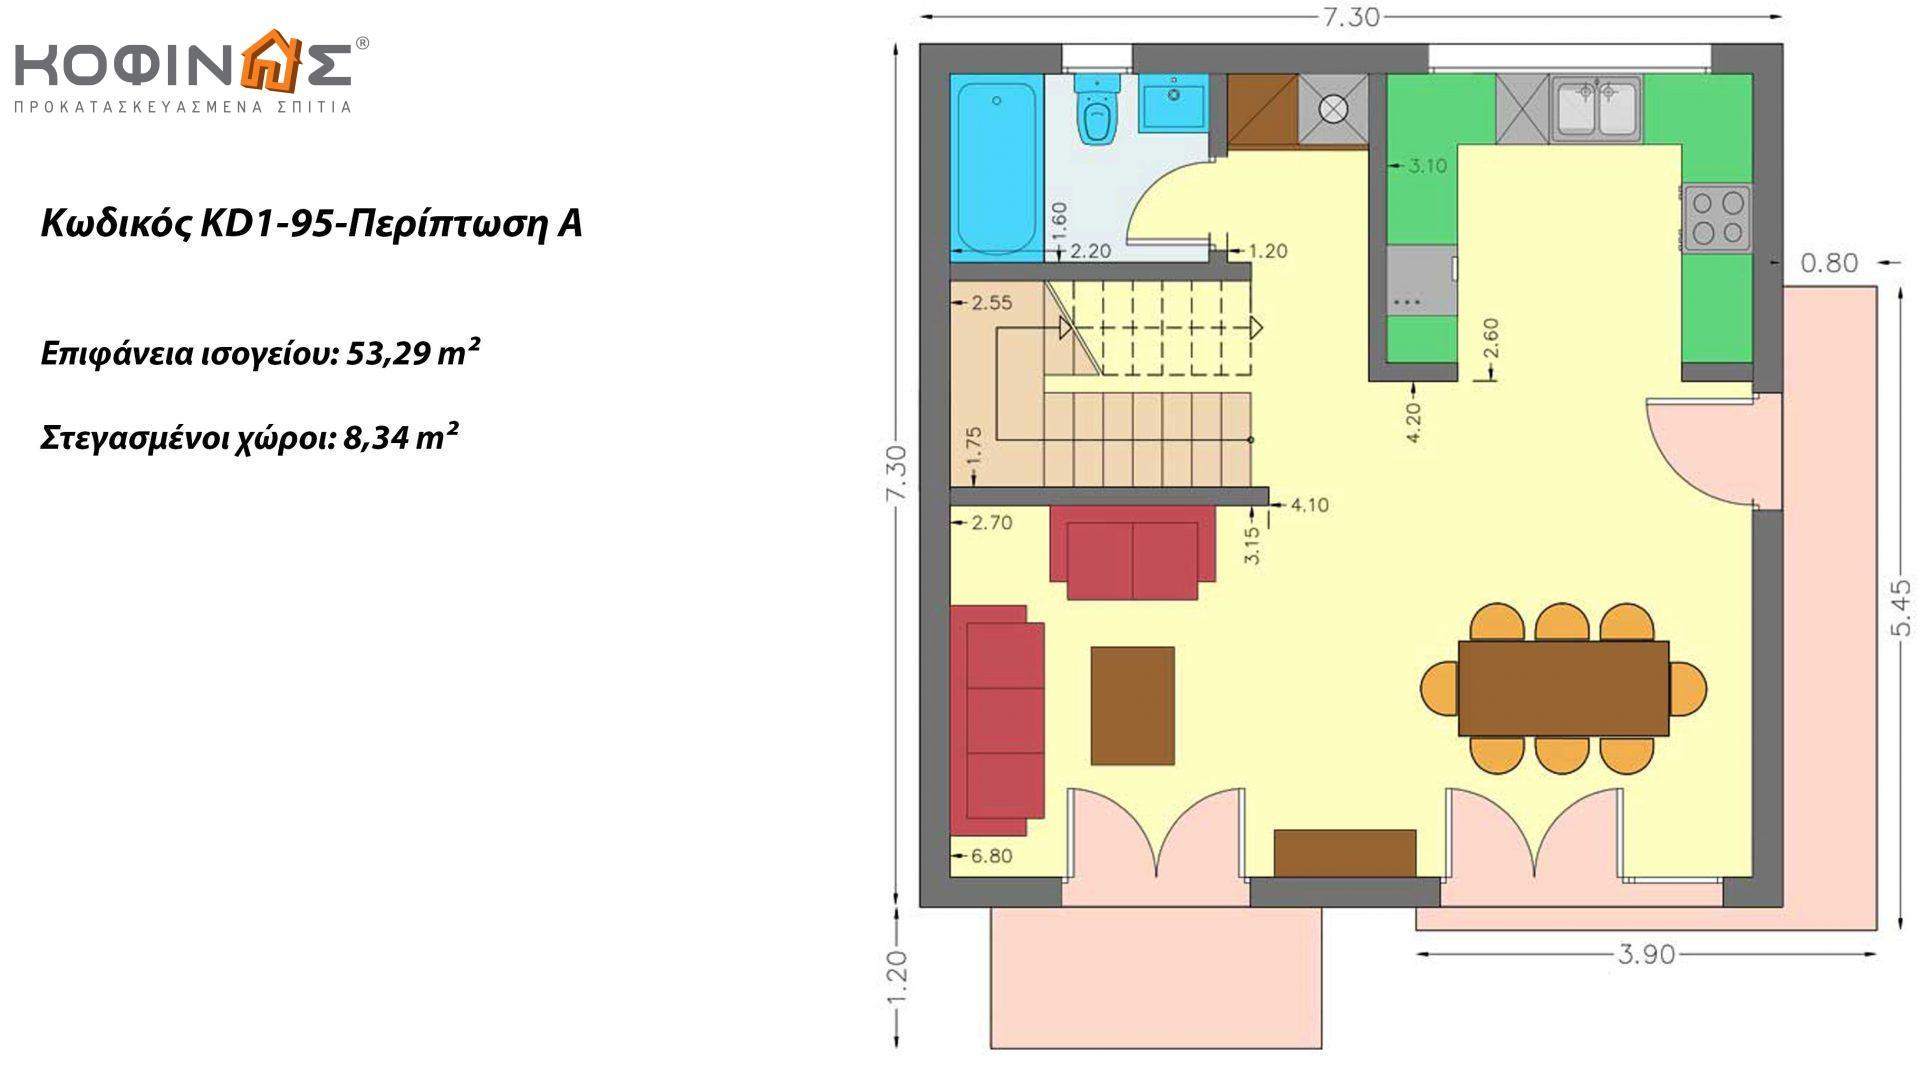 Διώροφη Κατοικία KD1-95, συνολικής επιφάνειας 95,70 τ.μ., συνολική επιφάνεια στεγασμένων χώρων 19,23 τ.μ., μπαλκόνια 10,89 τ.μ.